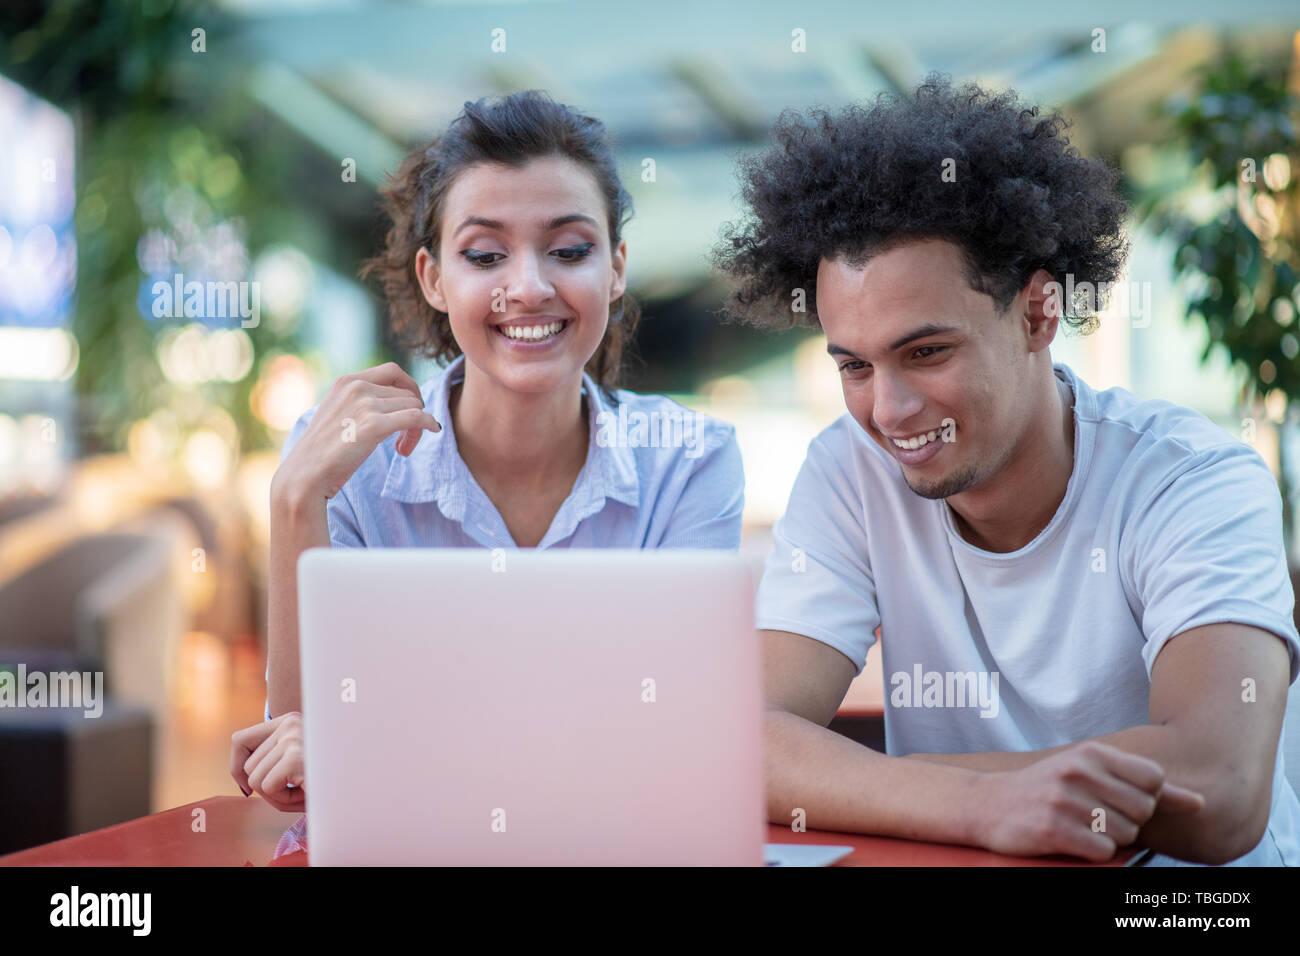 qu'est-ce que vous cherchez dans une relation partenaire de rencontres profil